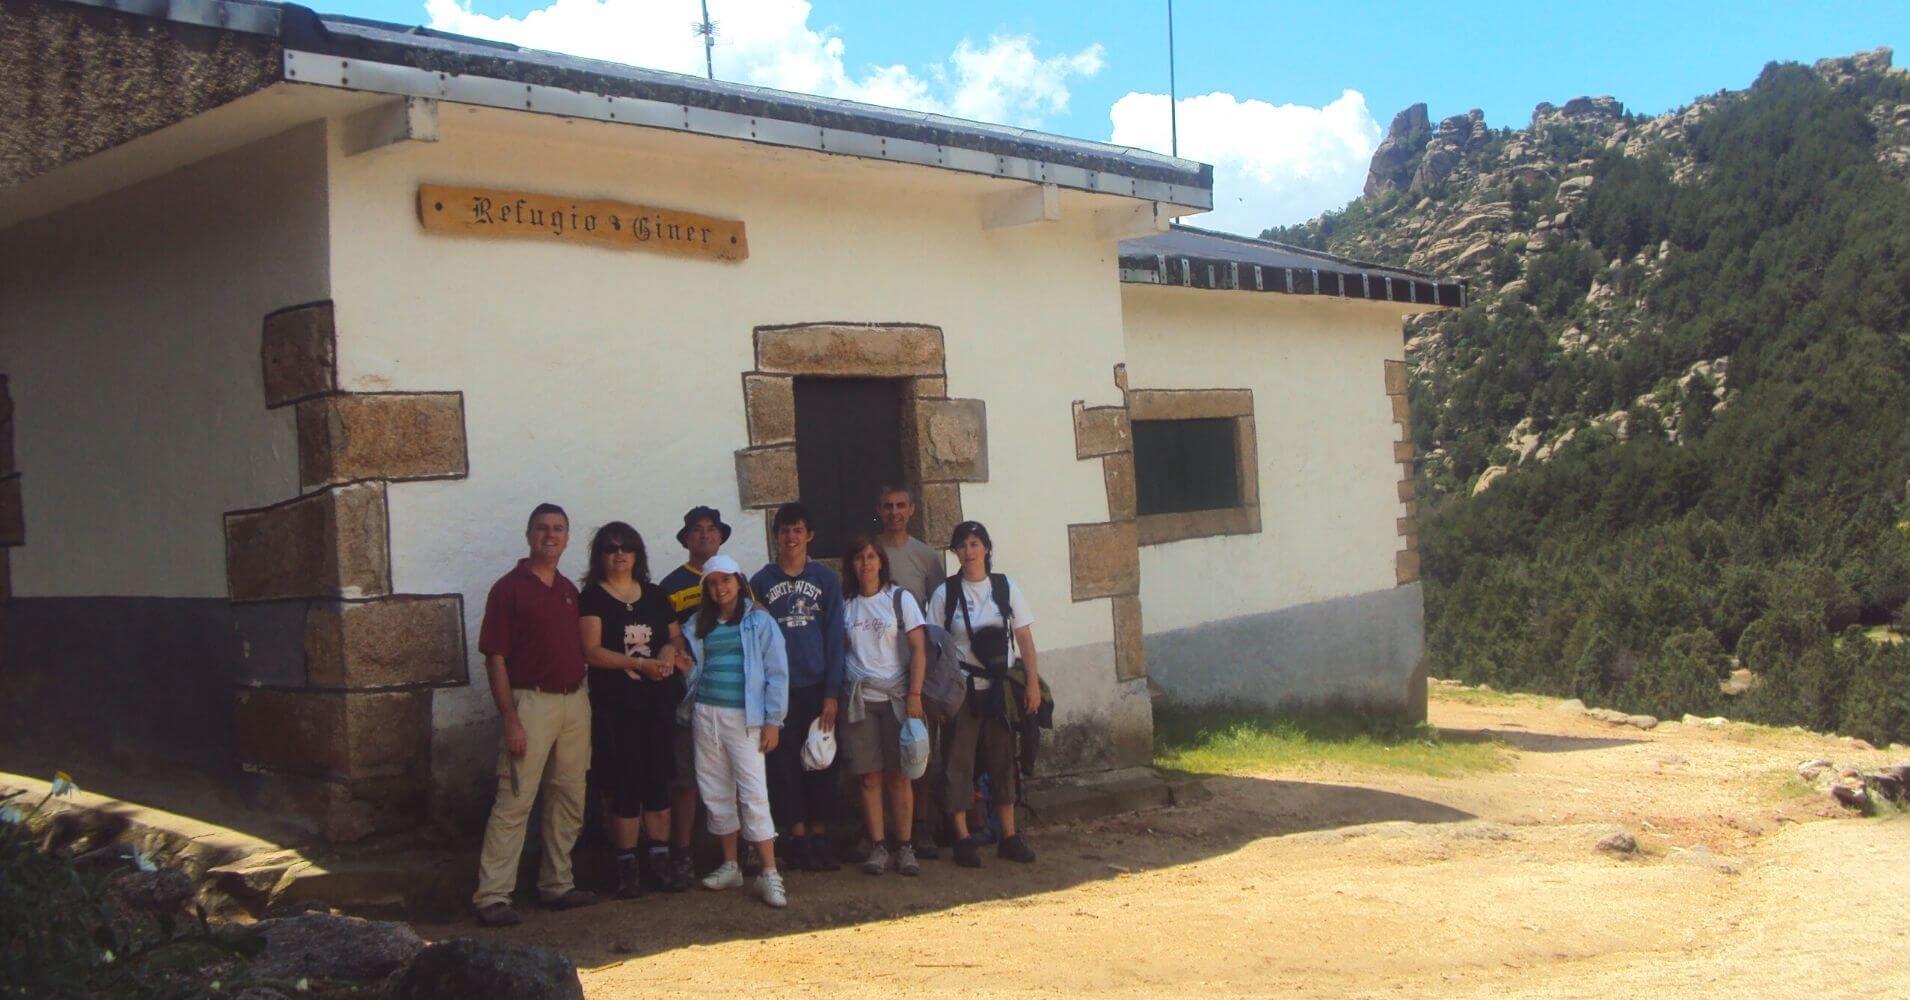 Refugio Giner de los Ríos. Parque Nacional Sierra de Guadarrama. Manzanares El Real, Comunidad de Madrid.